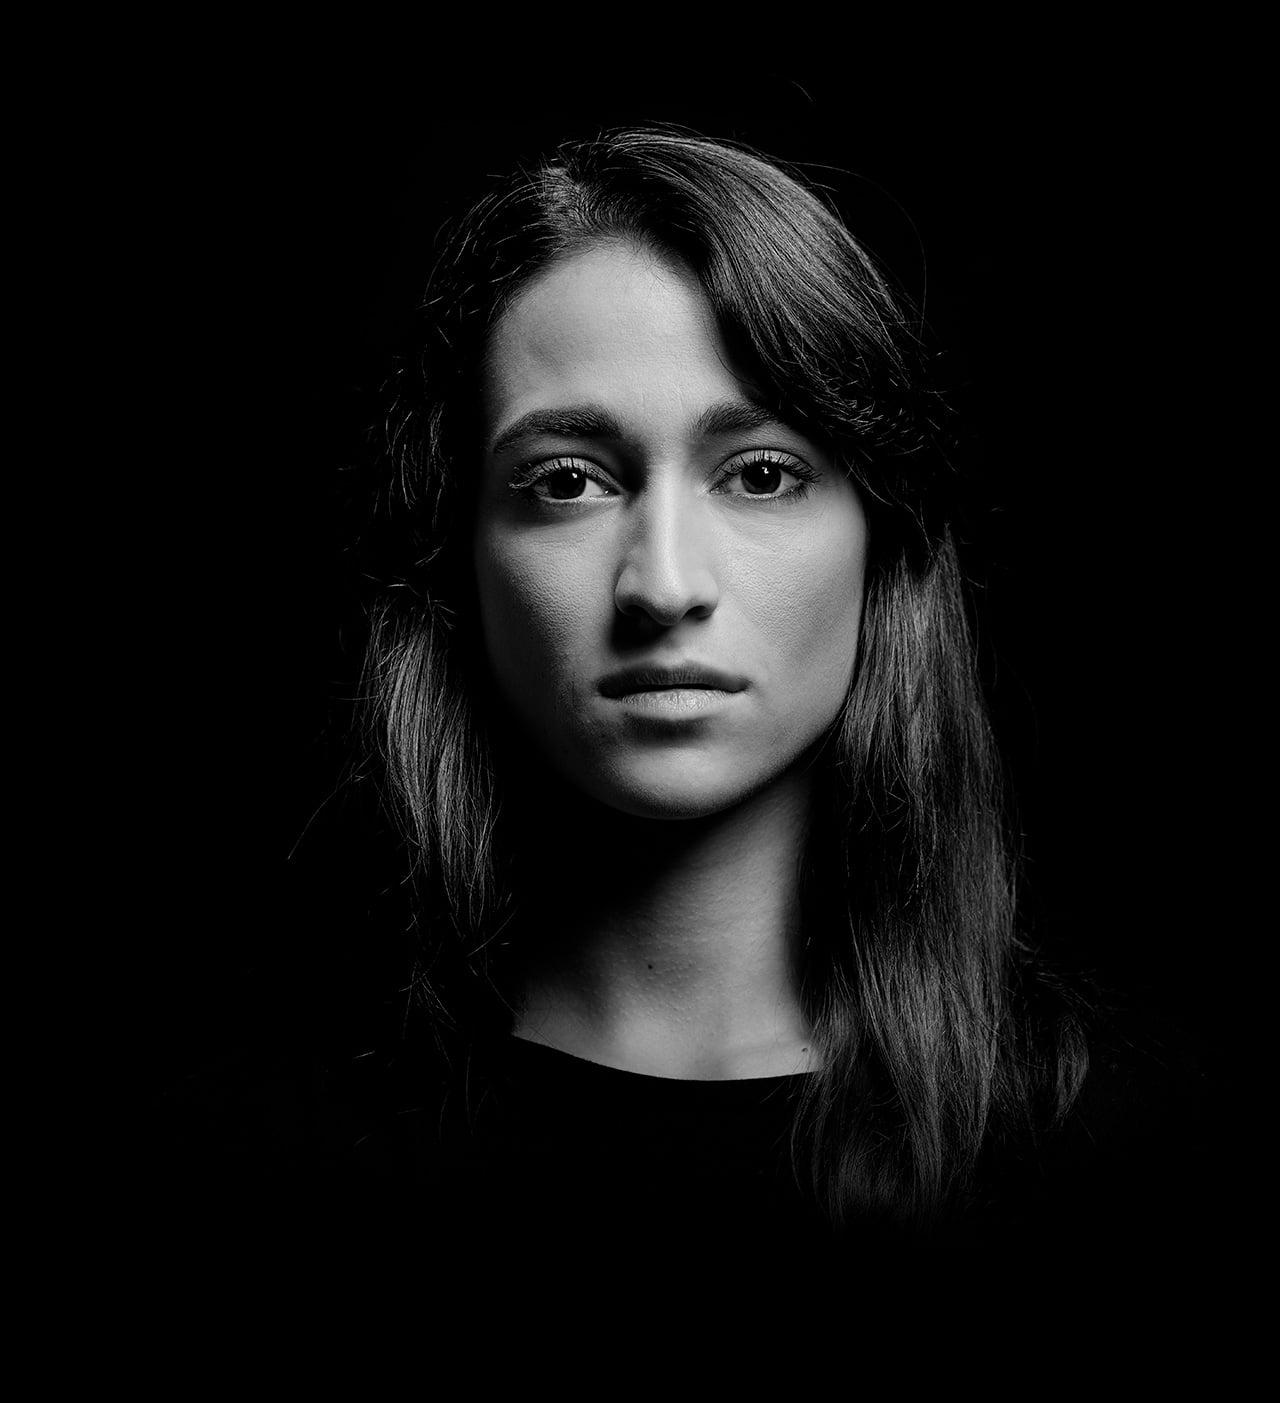 Cose Agency - Francesca